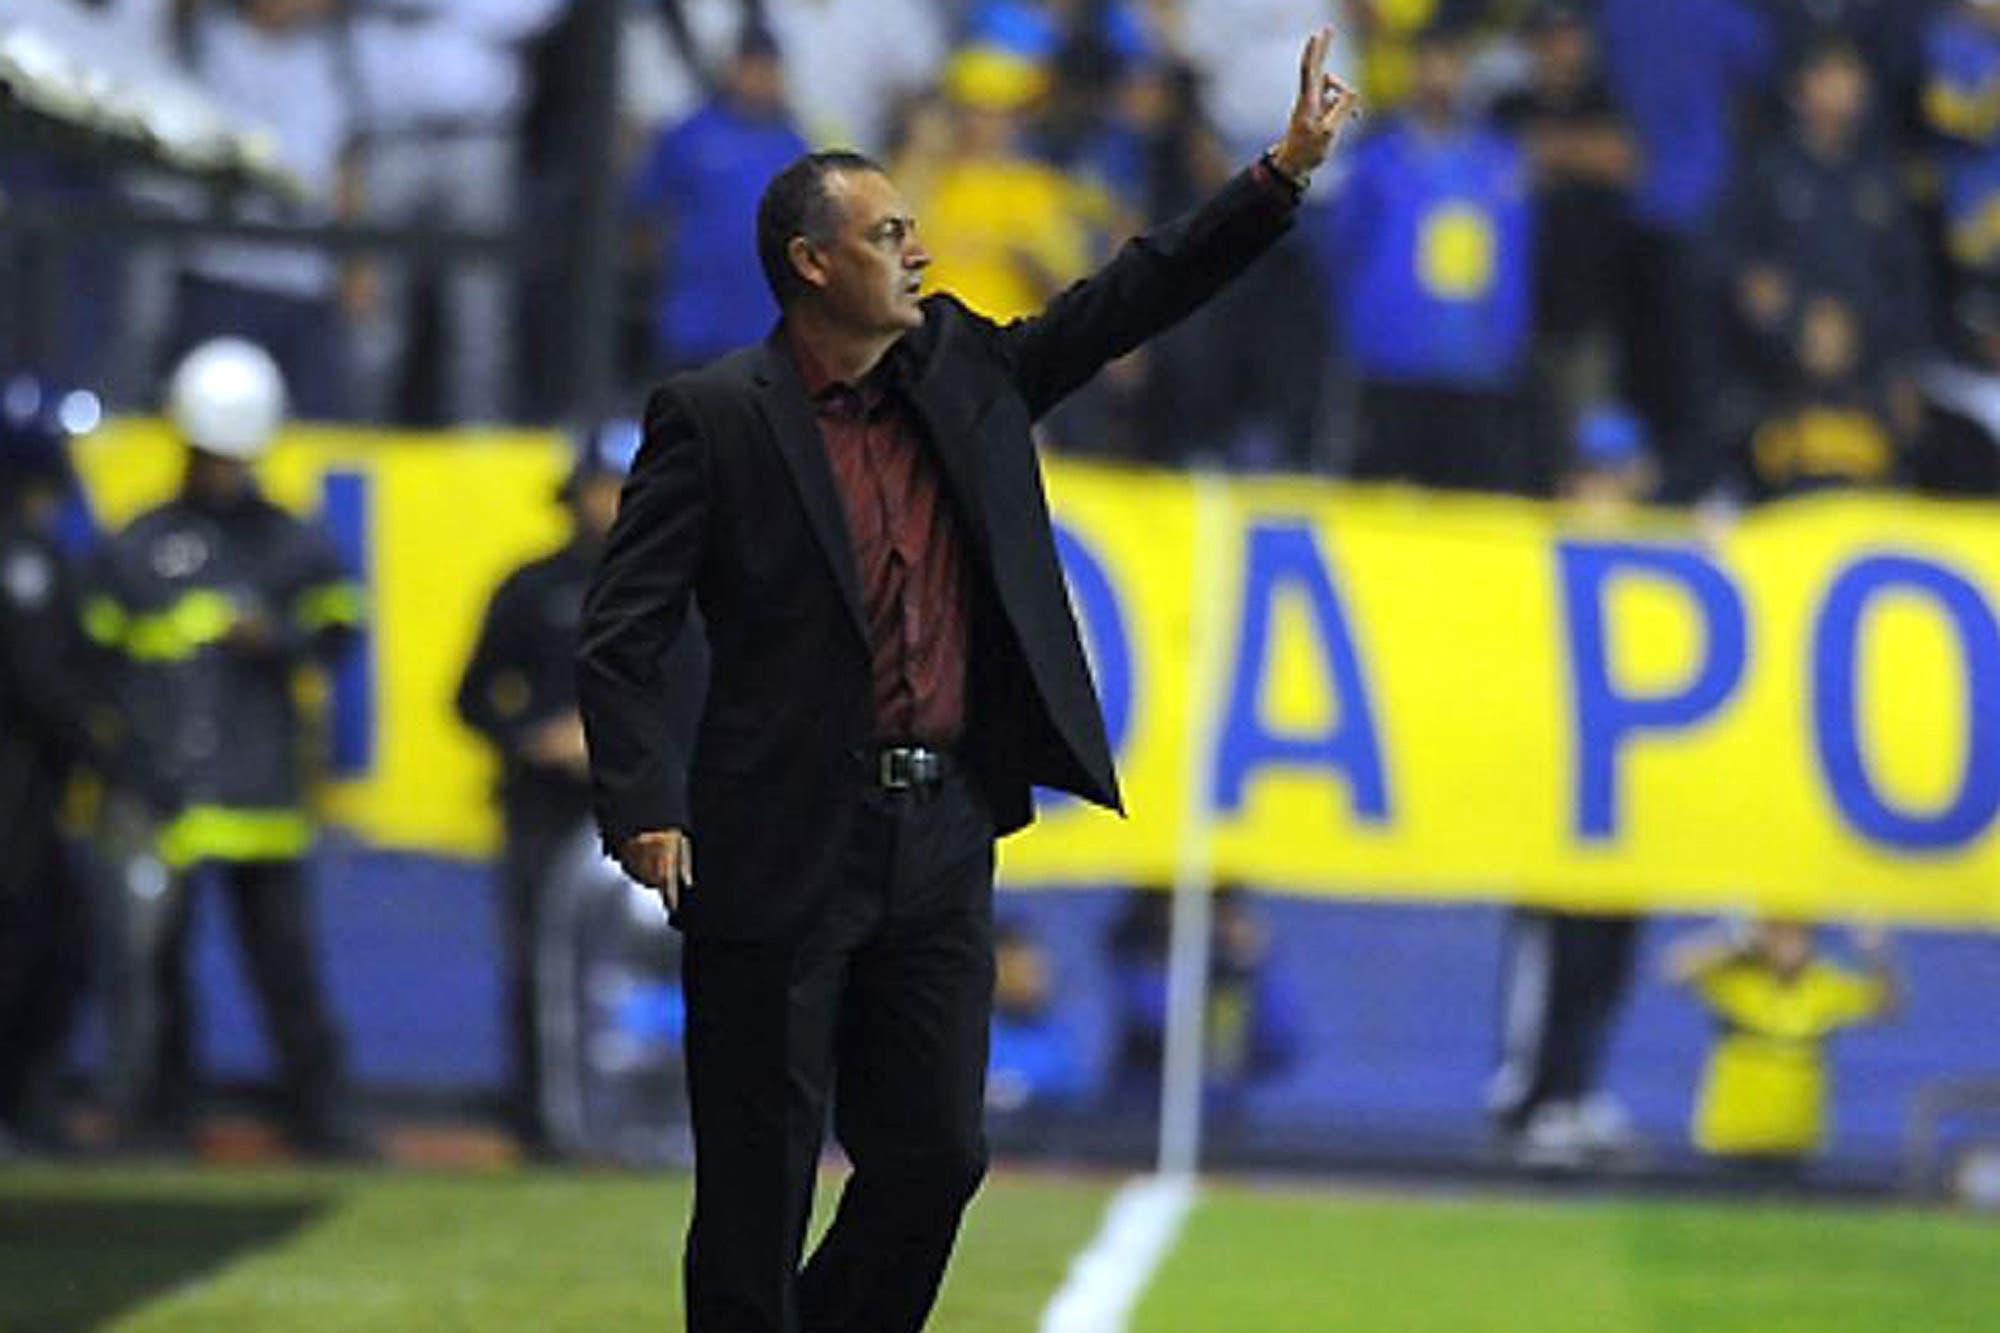 Cómo juegan los equipos de Gustavo Alfaro: qué esquema podría verse desde el inicio en Boca